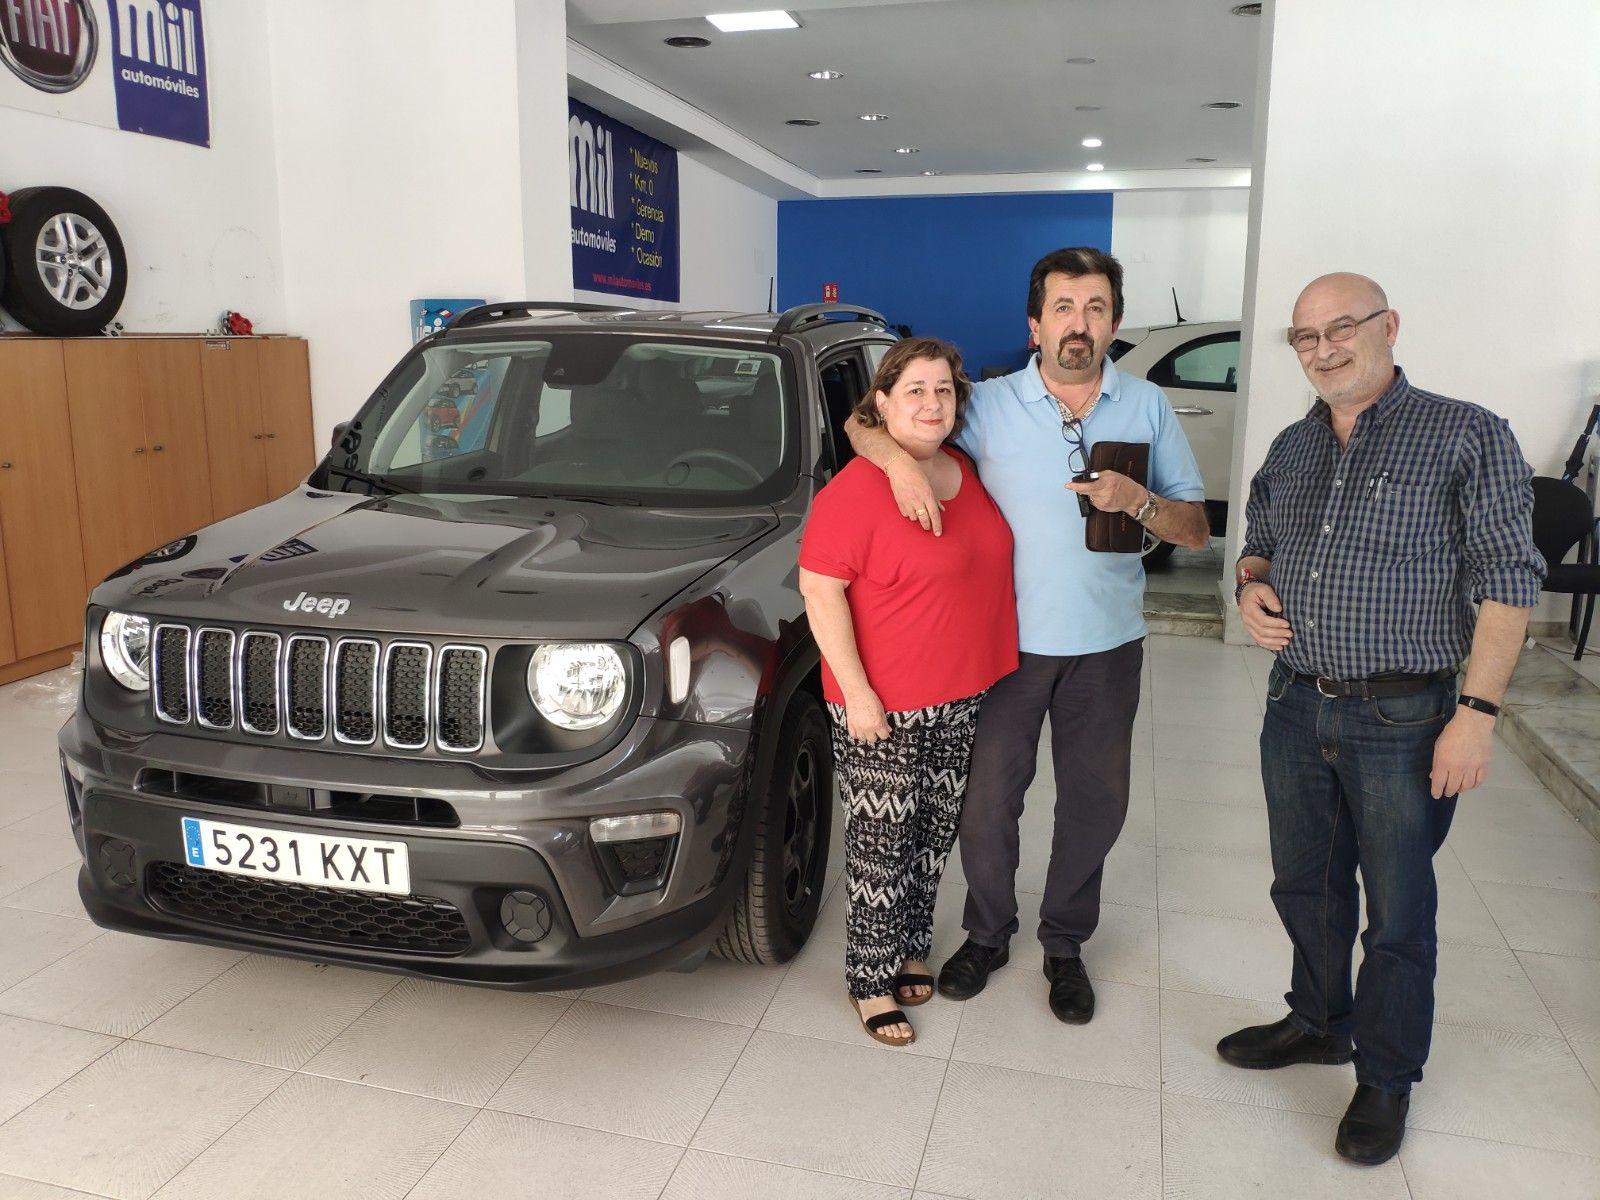 Entrega a Antonio y Señora un Jeep Renegade